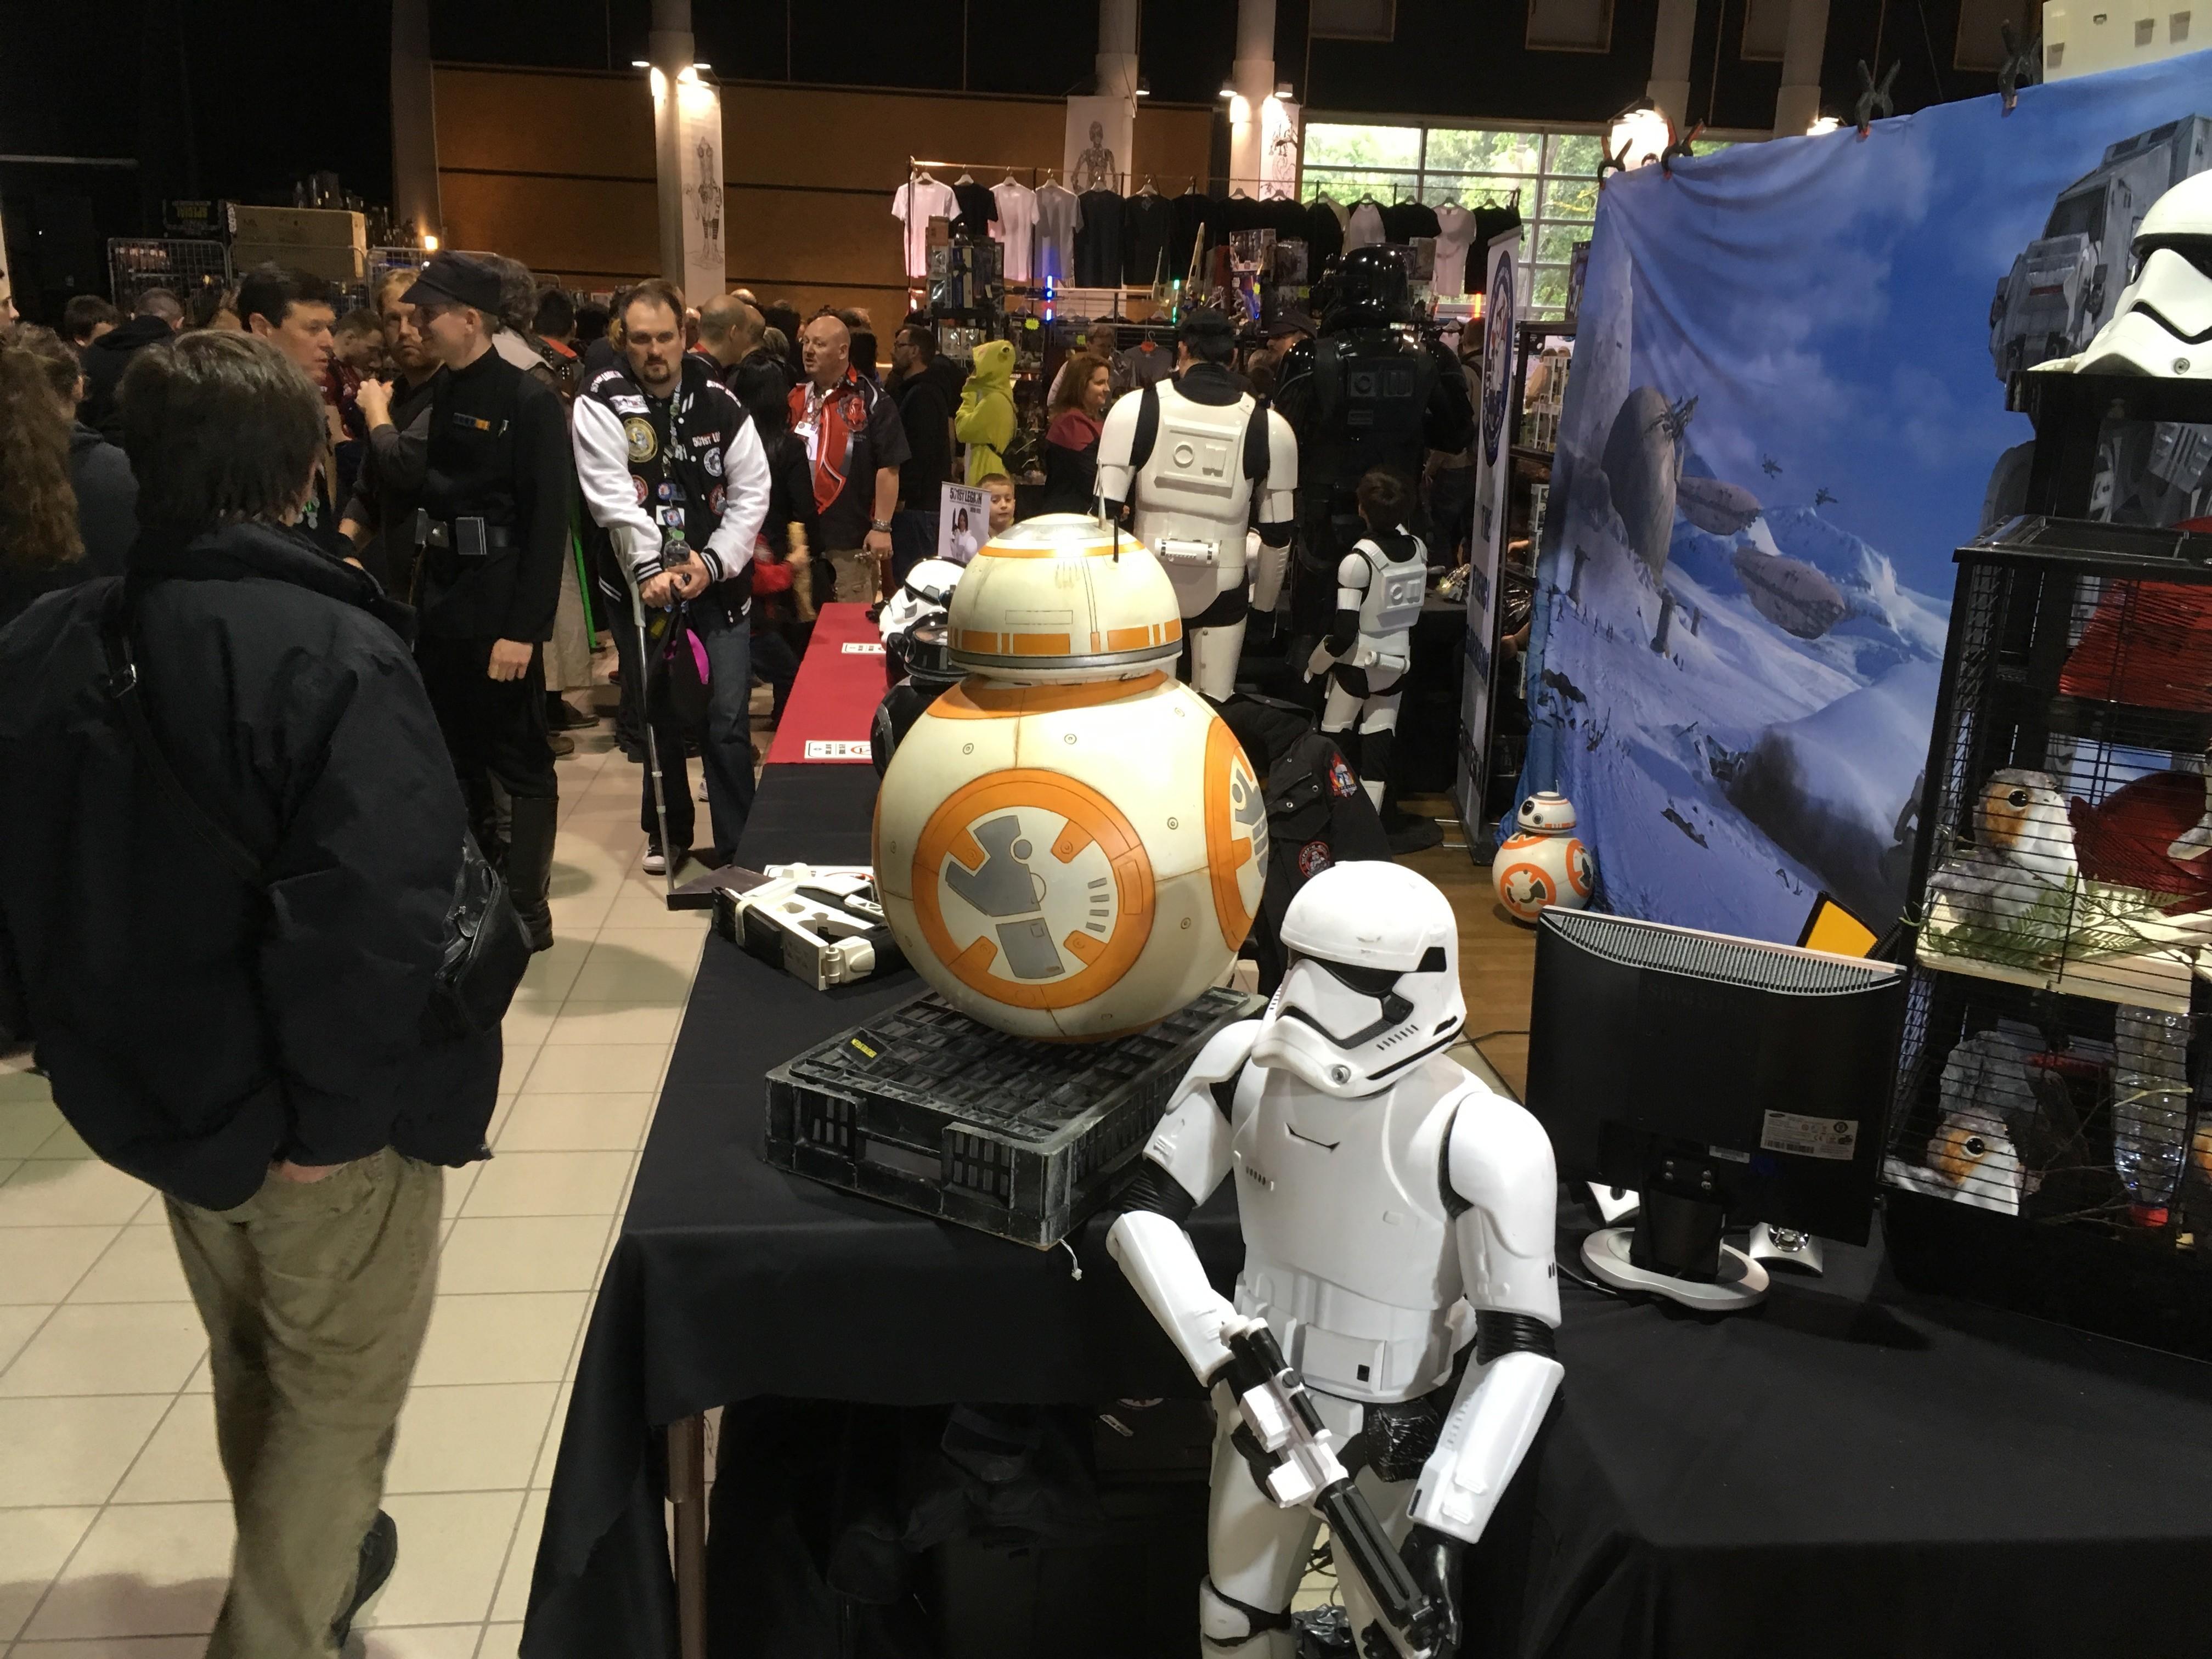 Générations Star Wars et SF 20ème édition - Cusset - 28 et 29 avril 2018 Cy4uJy